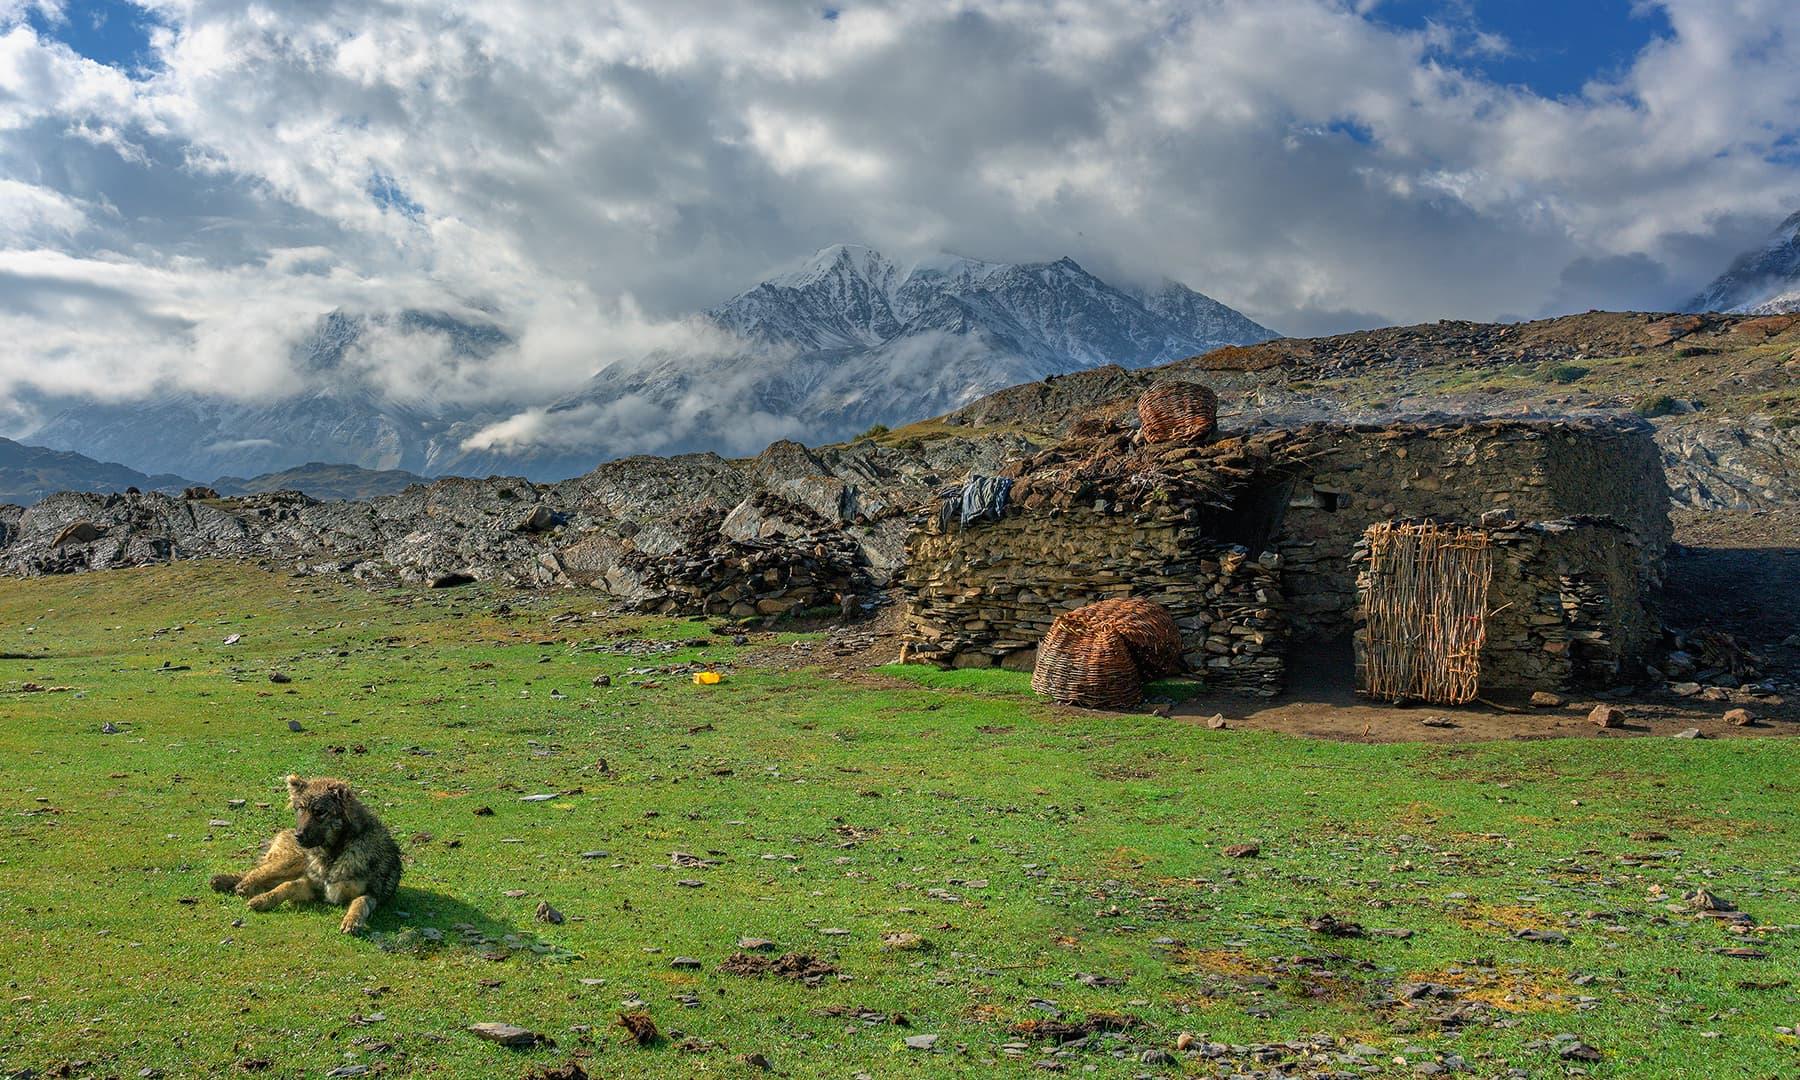 گھر اور رکھوالا کتا—سید مہدی بخاری